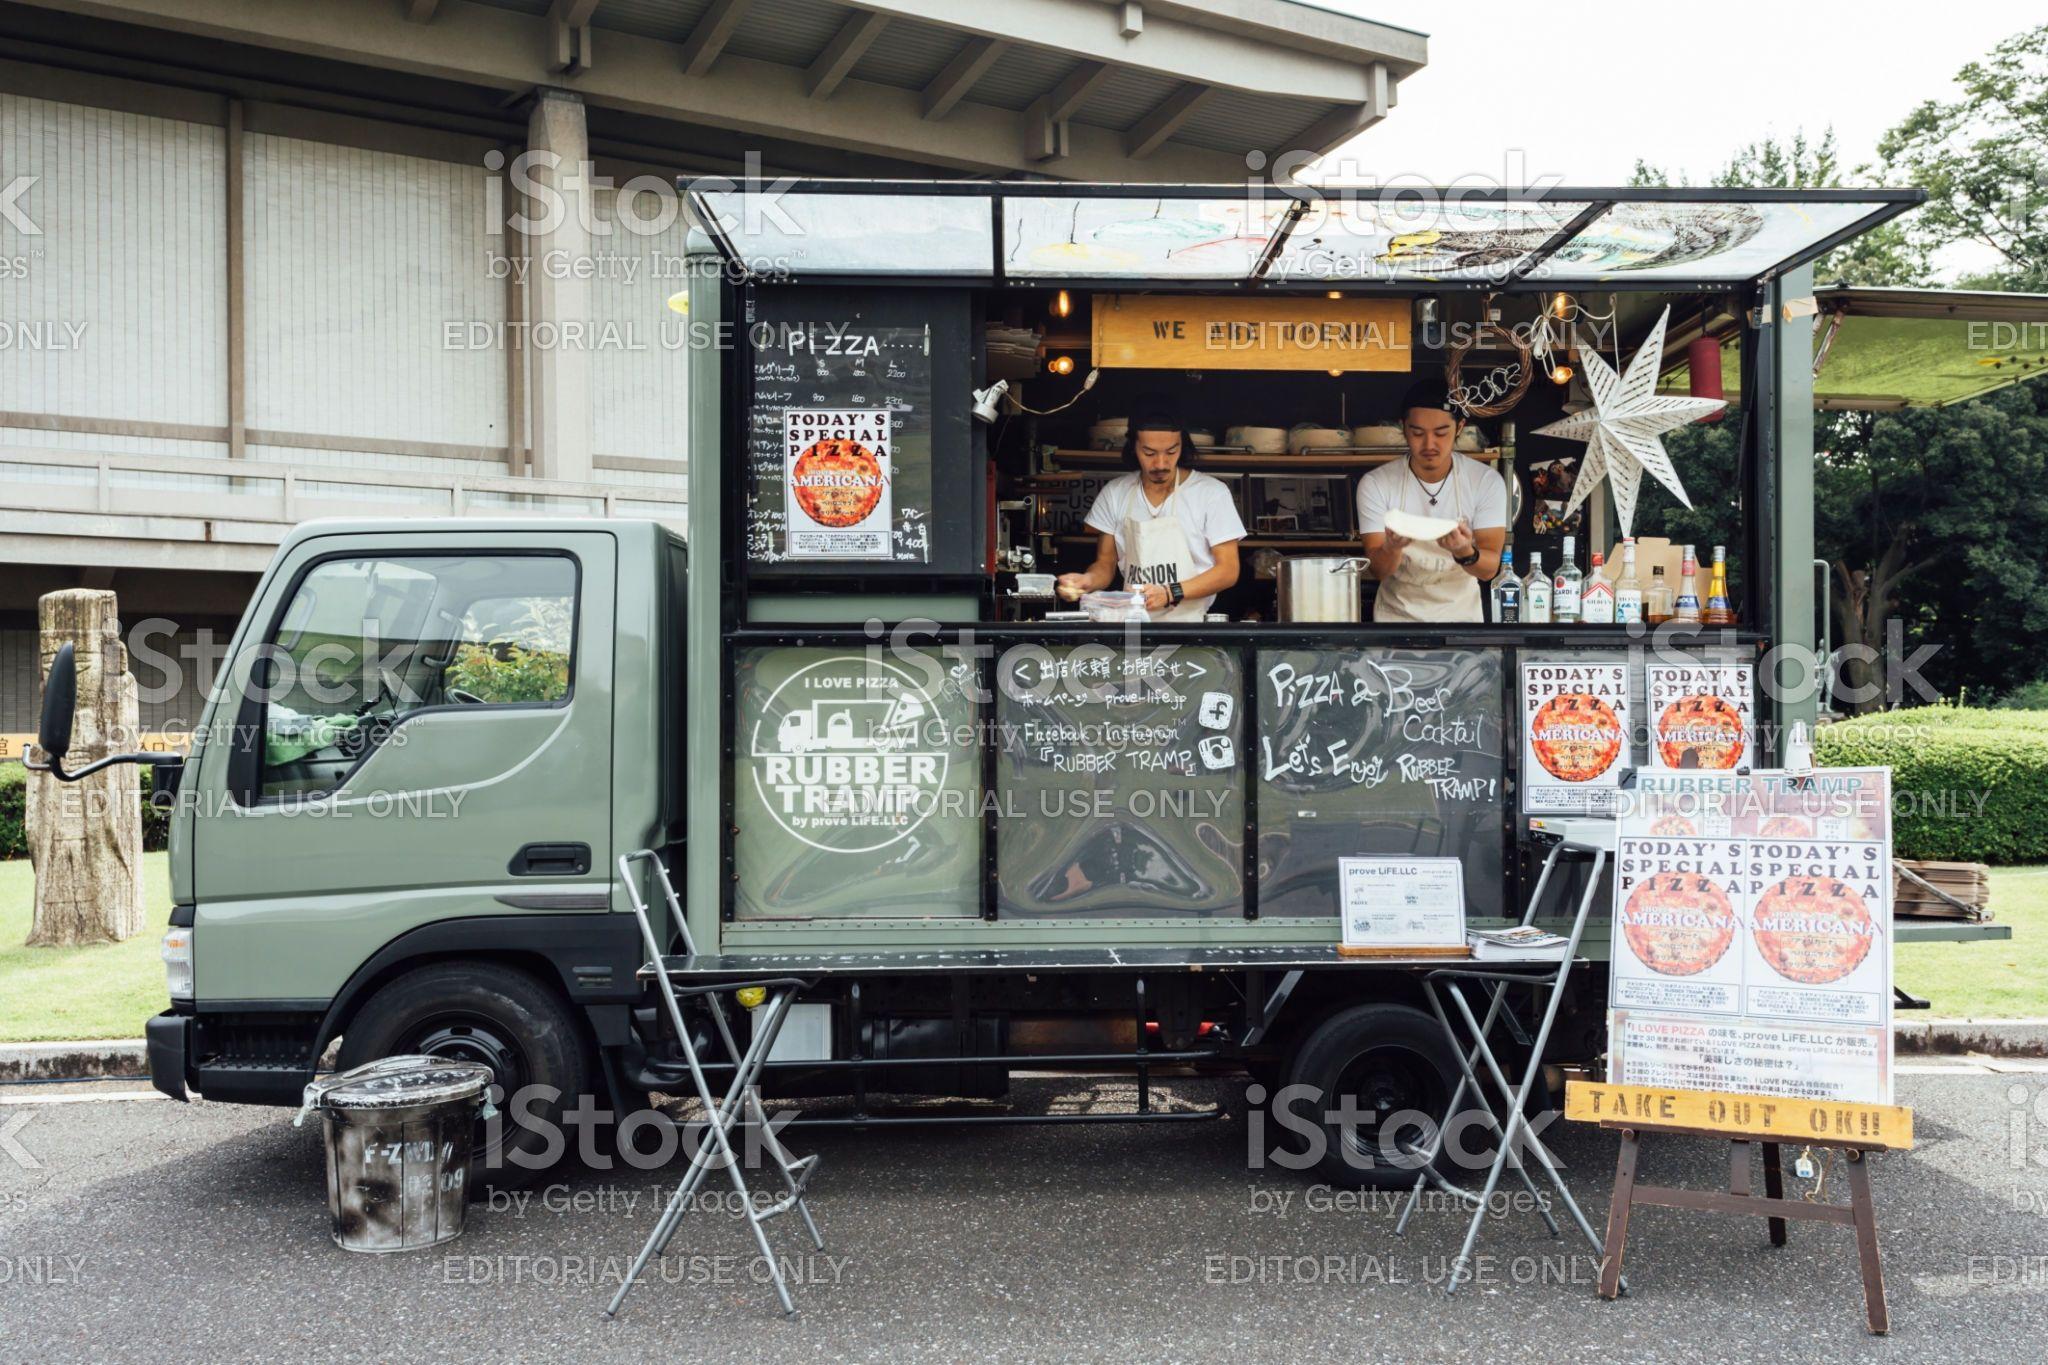 東京フェスティバル市場の公園で日本のフードトラックで販売するピザを準備している2人のアジア人シェフ 移動販売車のロイヤリティフリーストックフォト 2021 フードトラック フードトラックのデザイン 移動販売車